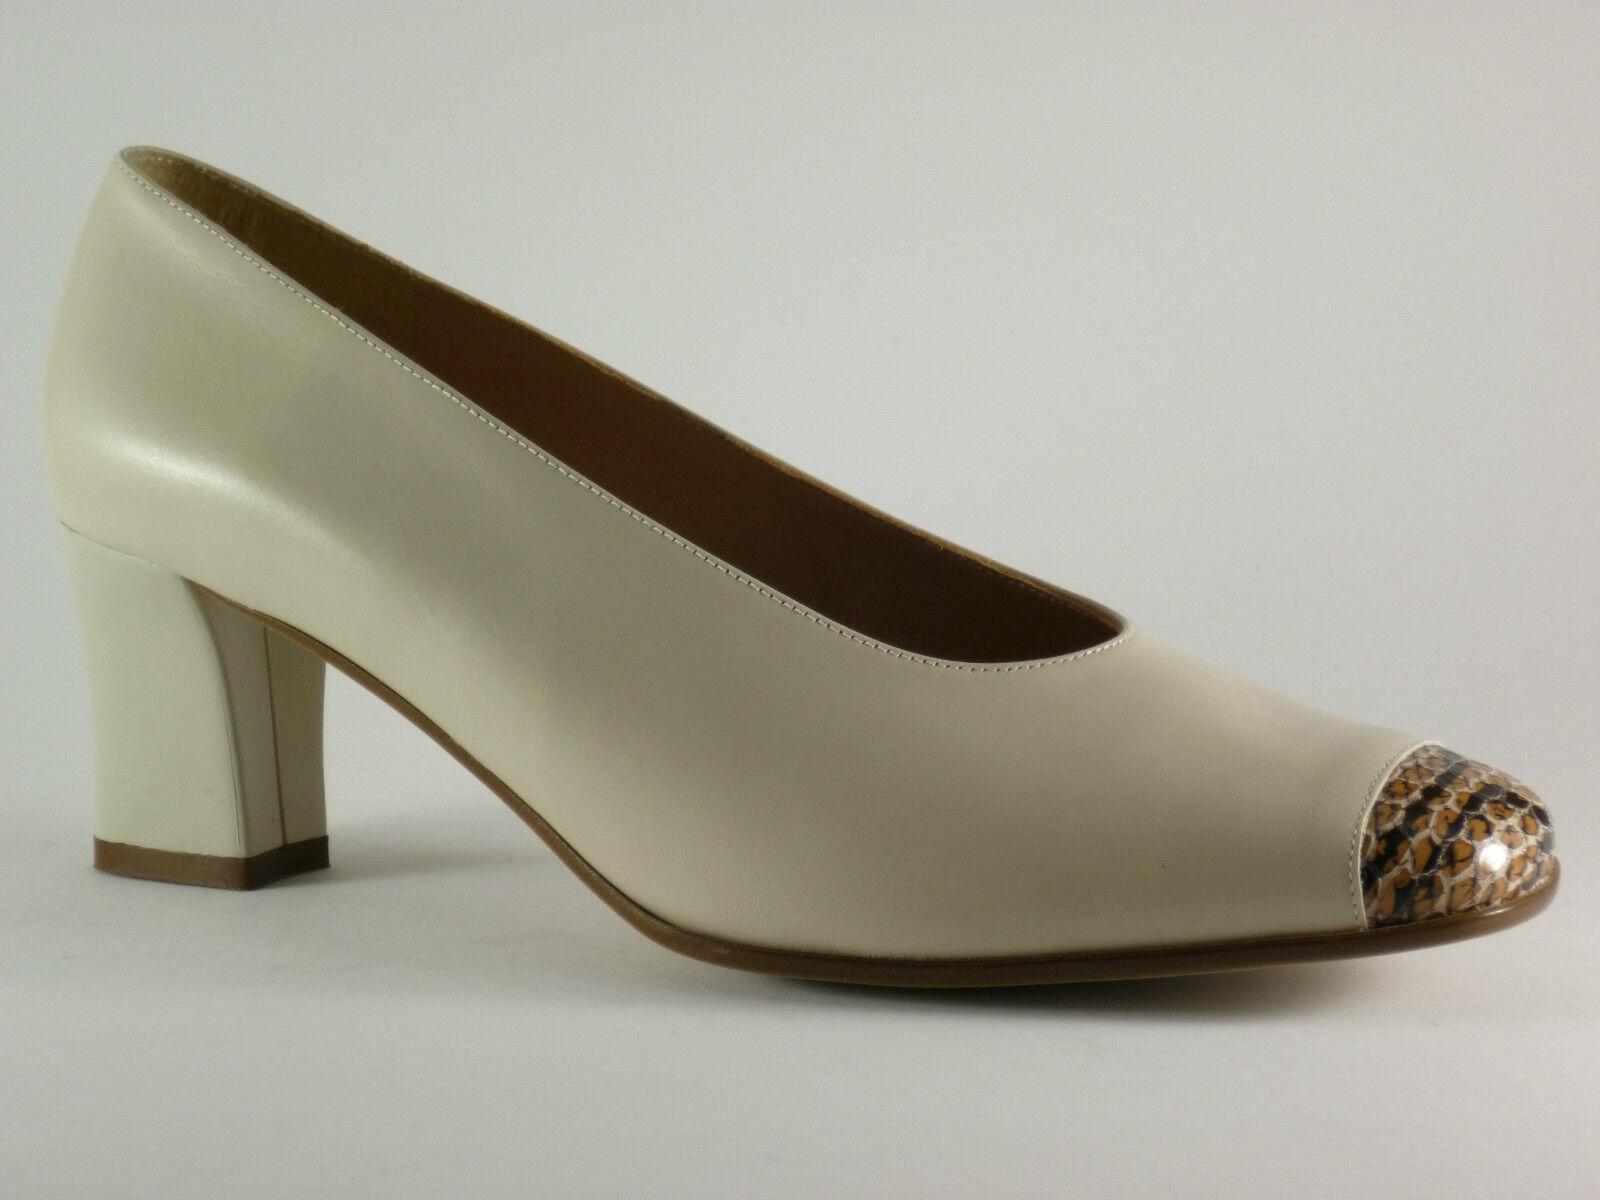 SONATE Damen Schuhe 39 39,5 40 40,5 41 Leder Beige   Reptile Pumps NEU